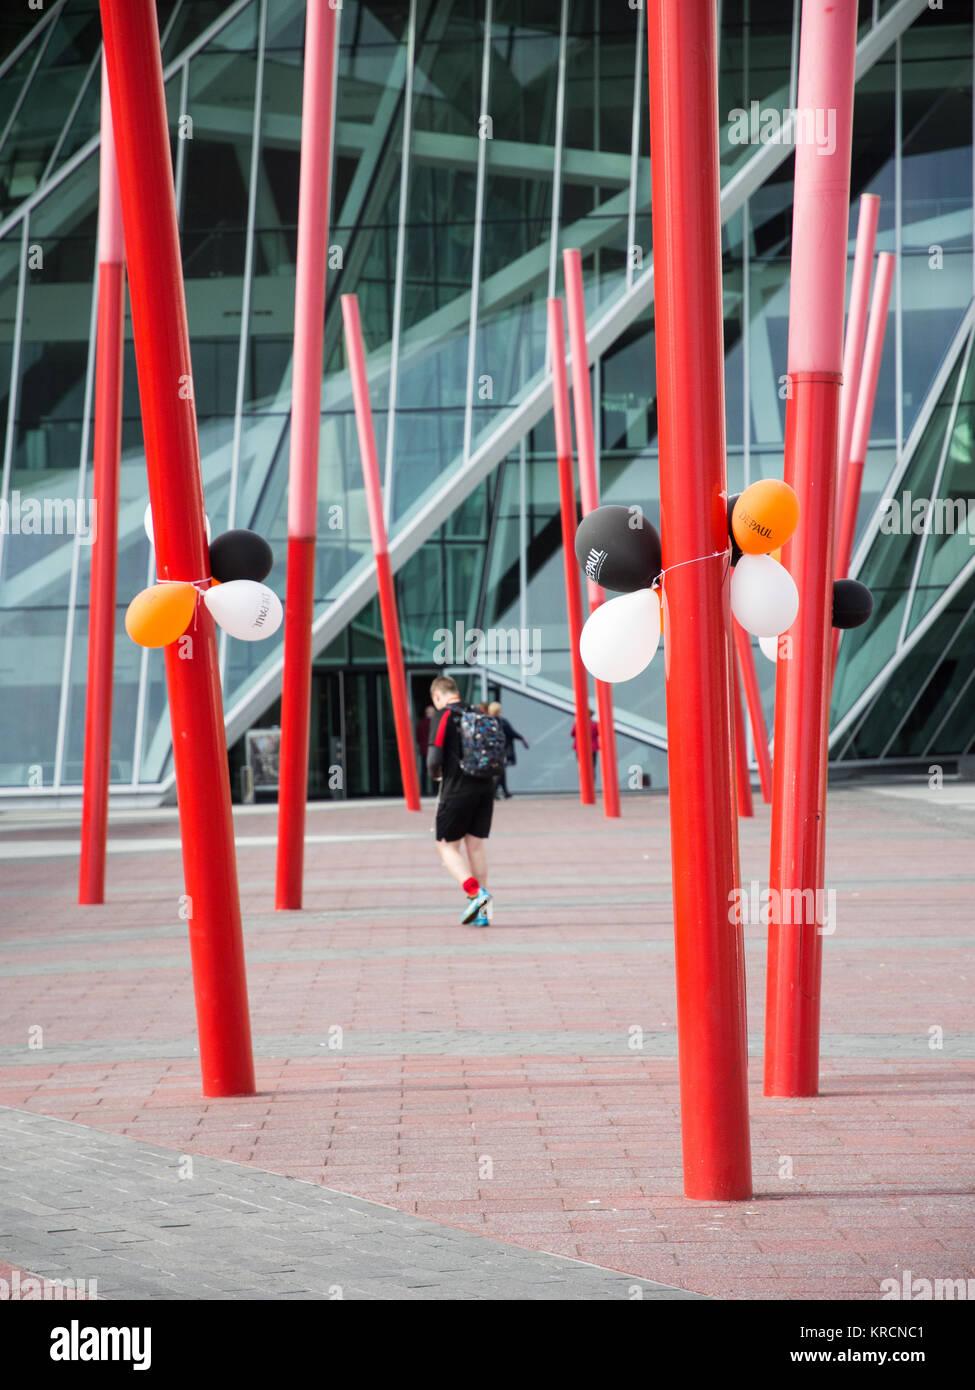 Dublin, Ireland - September 17, 2016: A pedestrian walks past sculptural poles and balloons outside Bord Gais Energy - Stock Image